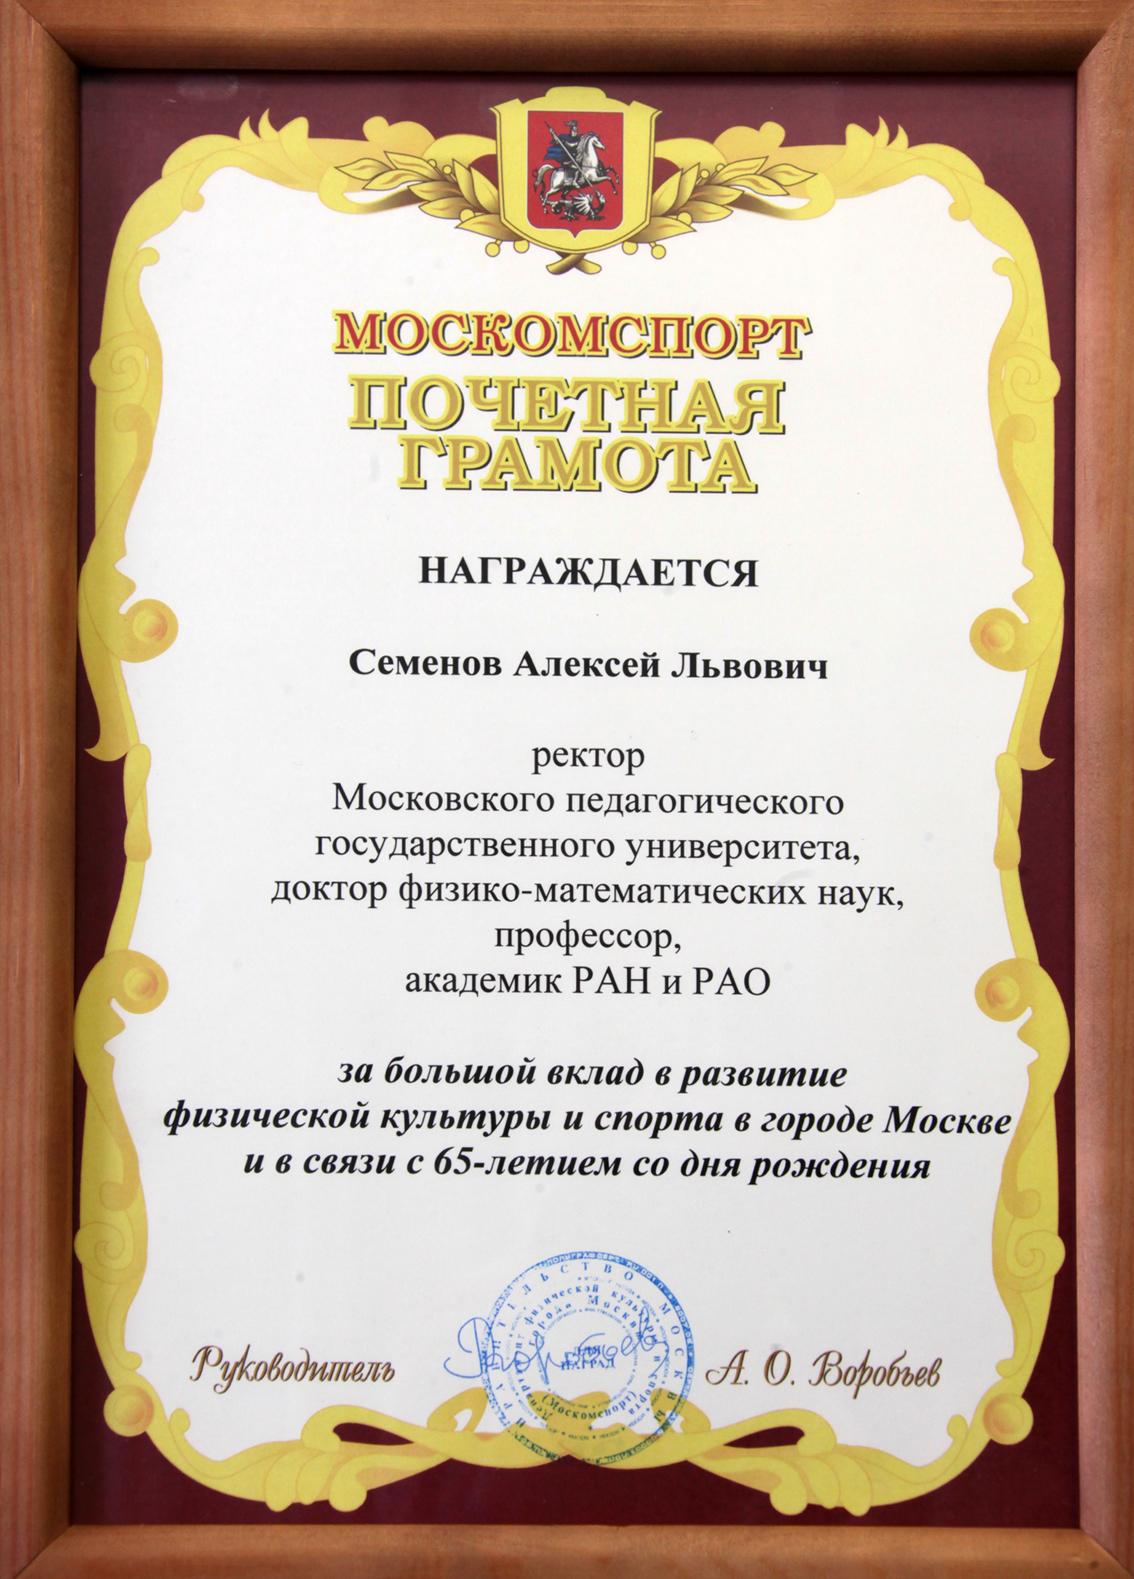 moskomsport